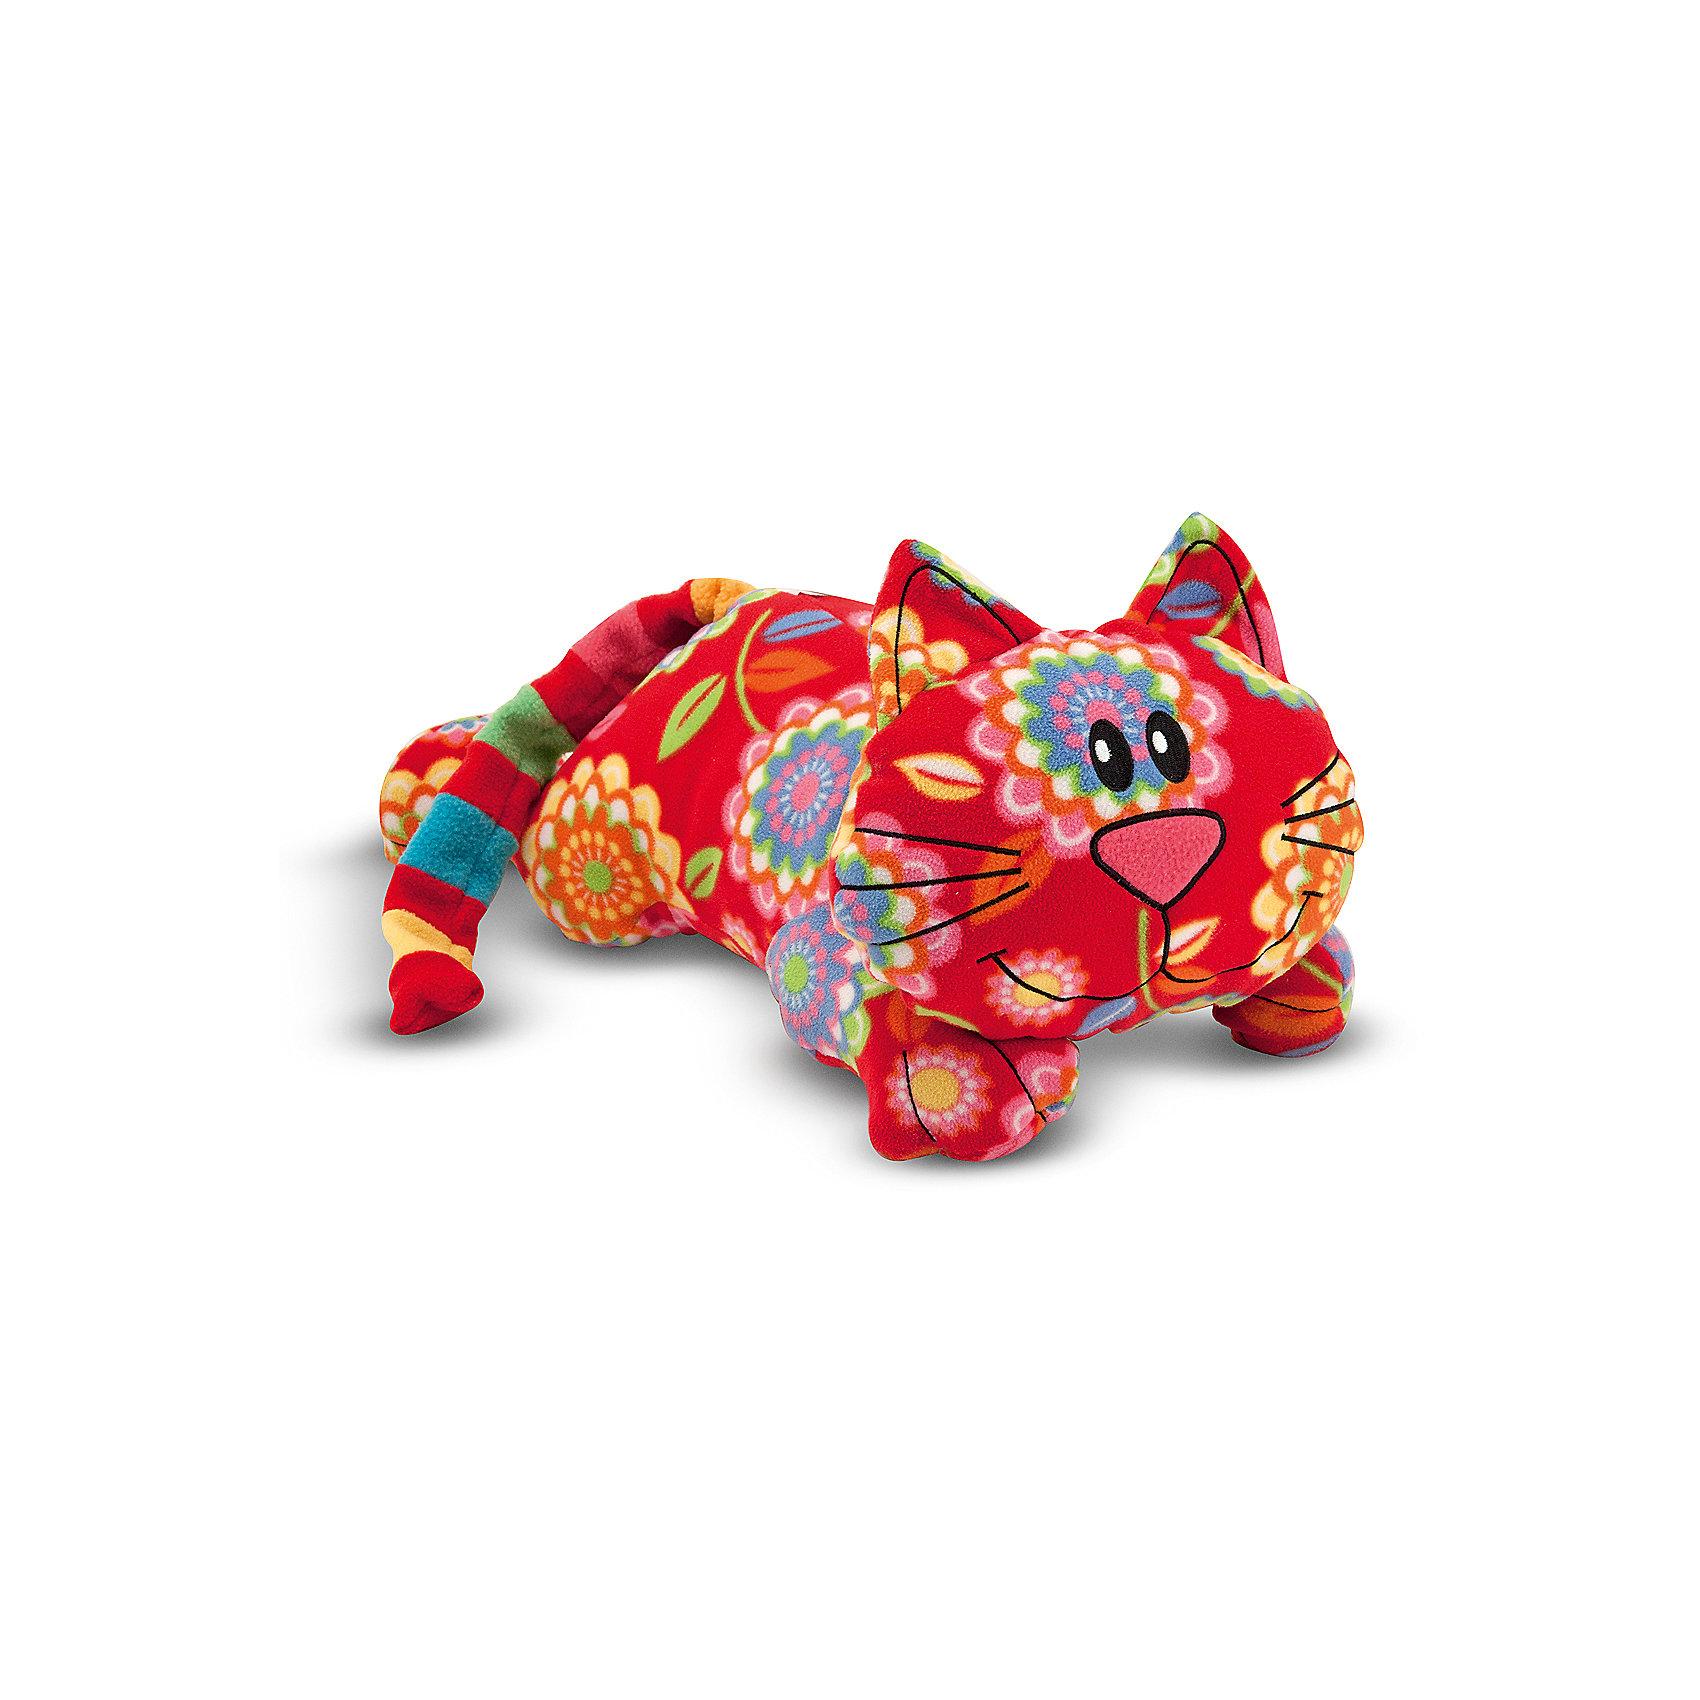 Мягкая игрушка Кот Тоби, Melissa &amp; DougМягкая игрушка Кот Тоби, Melissa &amp; Doug (Мелисса и Даг) – это очаровательный веселый котенок необычной расцветки.<br>Этого симпатичного котенка зовут Тоби, у него очаровательная улыбка, яркий полосатый хвостик,  а туловище украшено большими сказочными цветами. Нет никаких пластмассовых деталей - глаза, нос, усы и улыбка котенка – вышитые. Тоби станет настоящим другом Вашего малыша на долгие годы. С таким необычным котенком весело играть и уютно спать в обнимку, его можно брать с собой на прогулку, в гости или в путешествие. Игрушка изготовлена из экологически чистого и безопасного материала.<br><br>Дополнительная информация:<br><br>- Материал: ультрамягкий флис<br>- Размер игрушки: 40 см.<br><br>Мягкую игрушку Кот Тоби, Melissa &amp; Doug (Мелисса и Даг) можно купить в нашем интернет-магазине.<br><br>Ширина мм: 400<br>Глубина мм: 250<br>Высота мм: 200<br>Вес г: 113<br>Возраст от месяцев: 36<br>Возраст до месяцев: 192<br>Пол: Унисекс<br>Возраст: Детский<br>SKU: 4005812